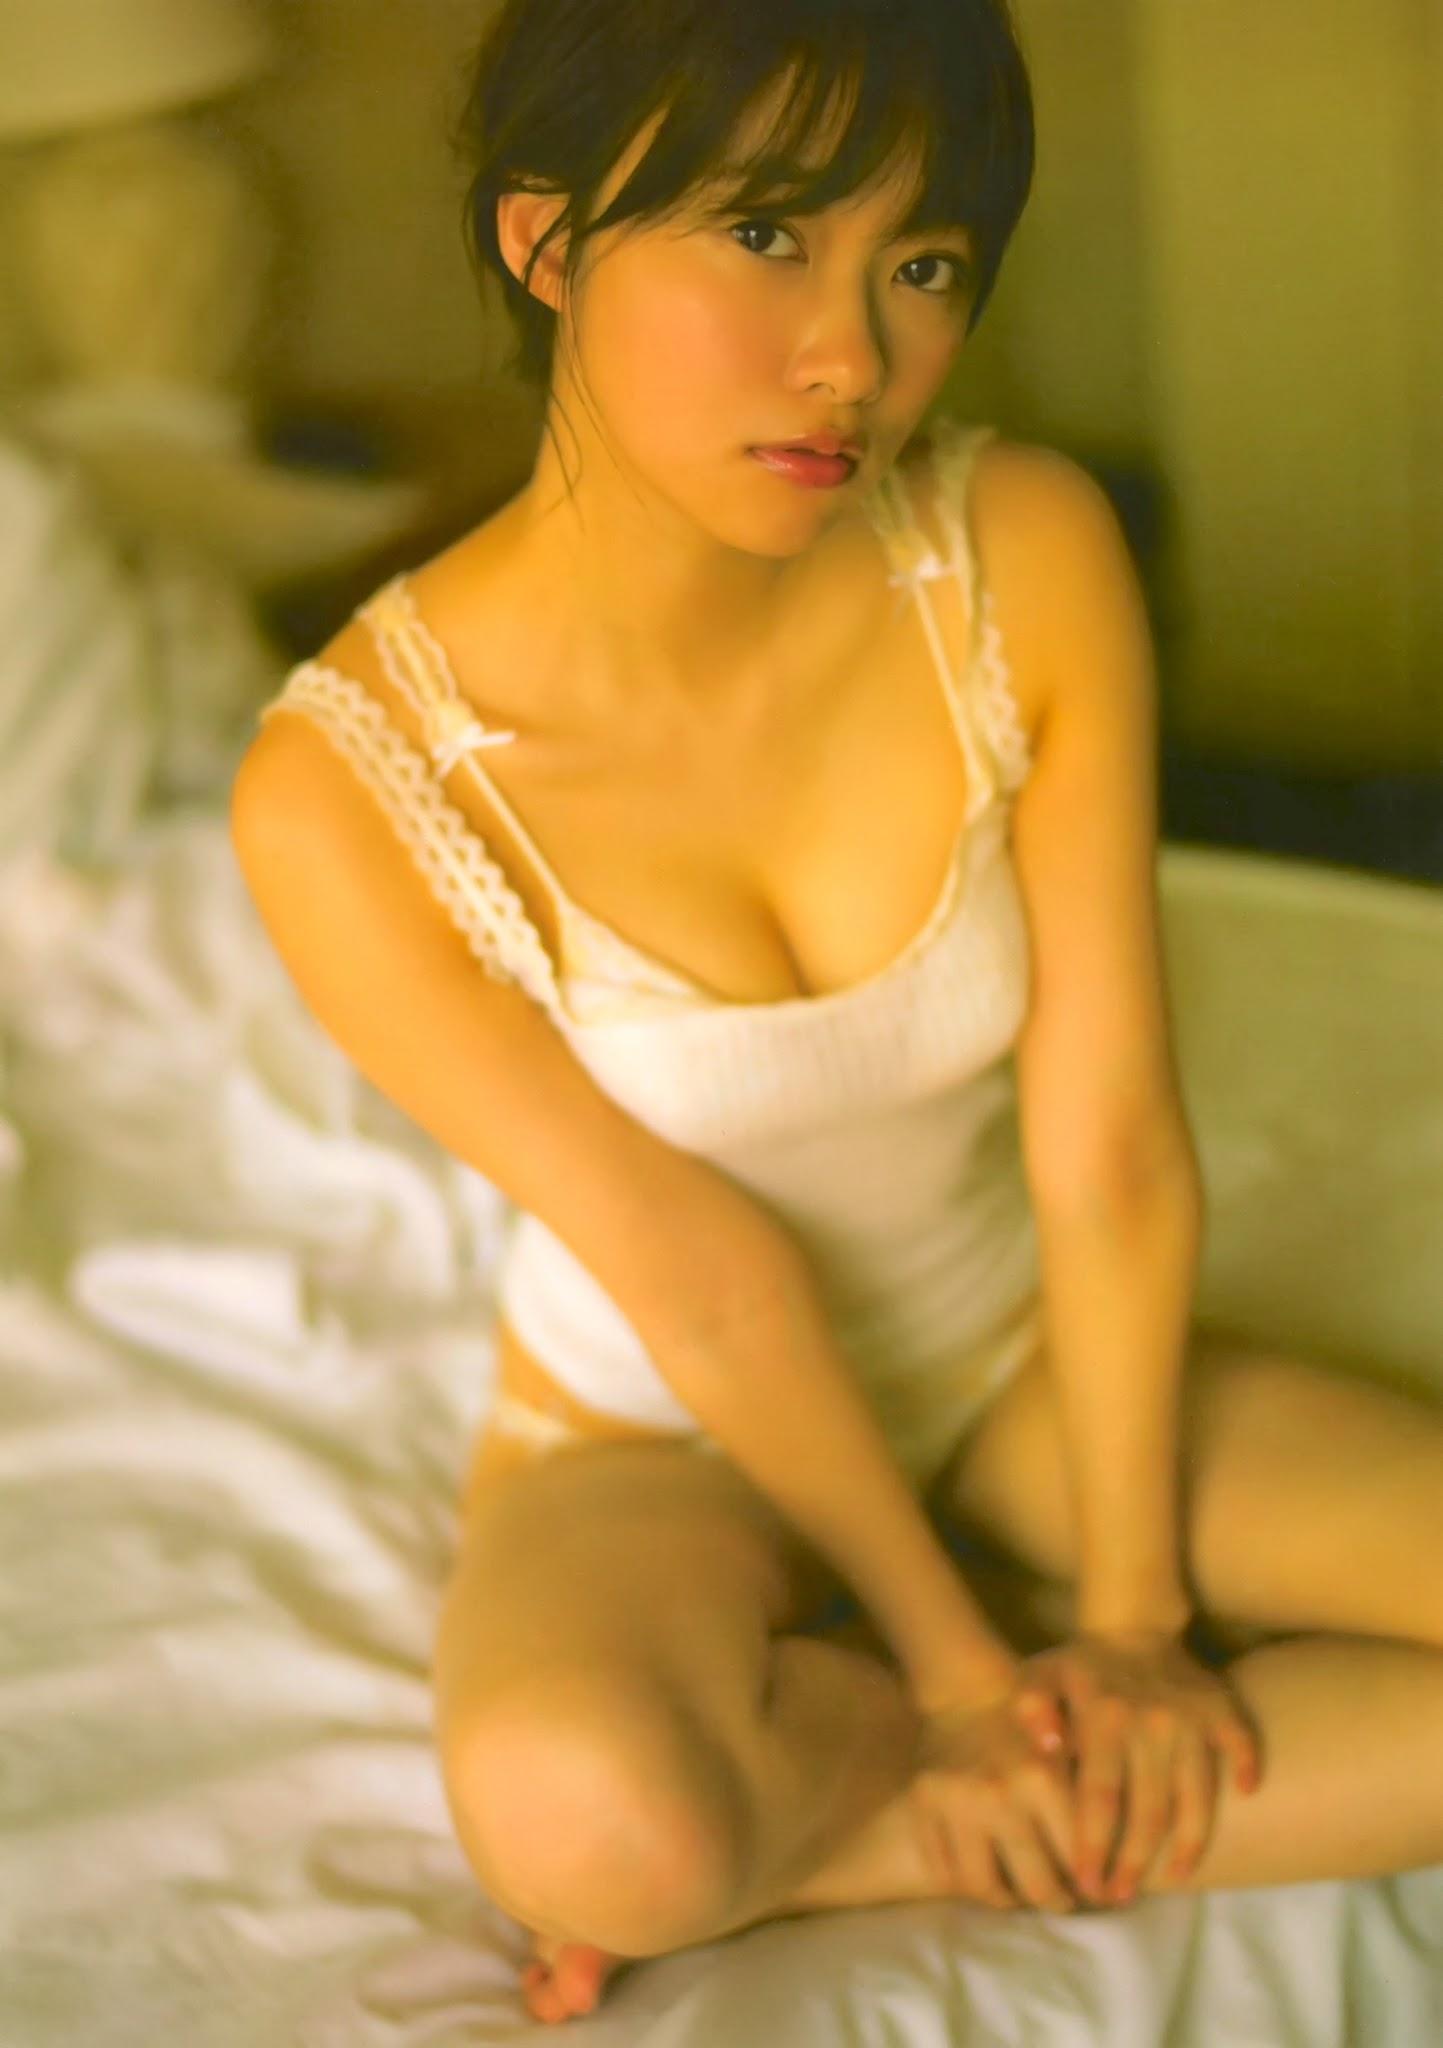 sashirino079.jpg